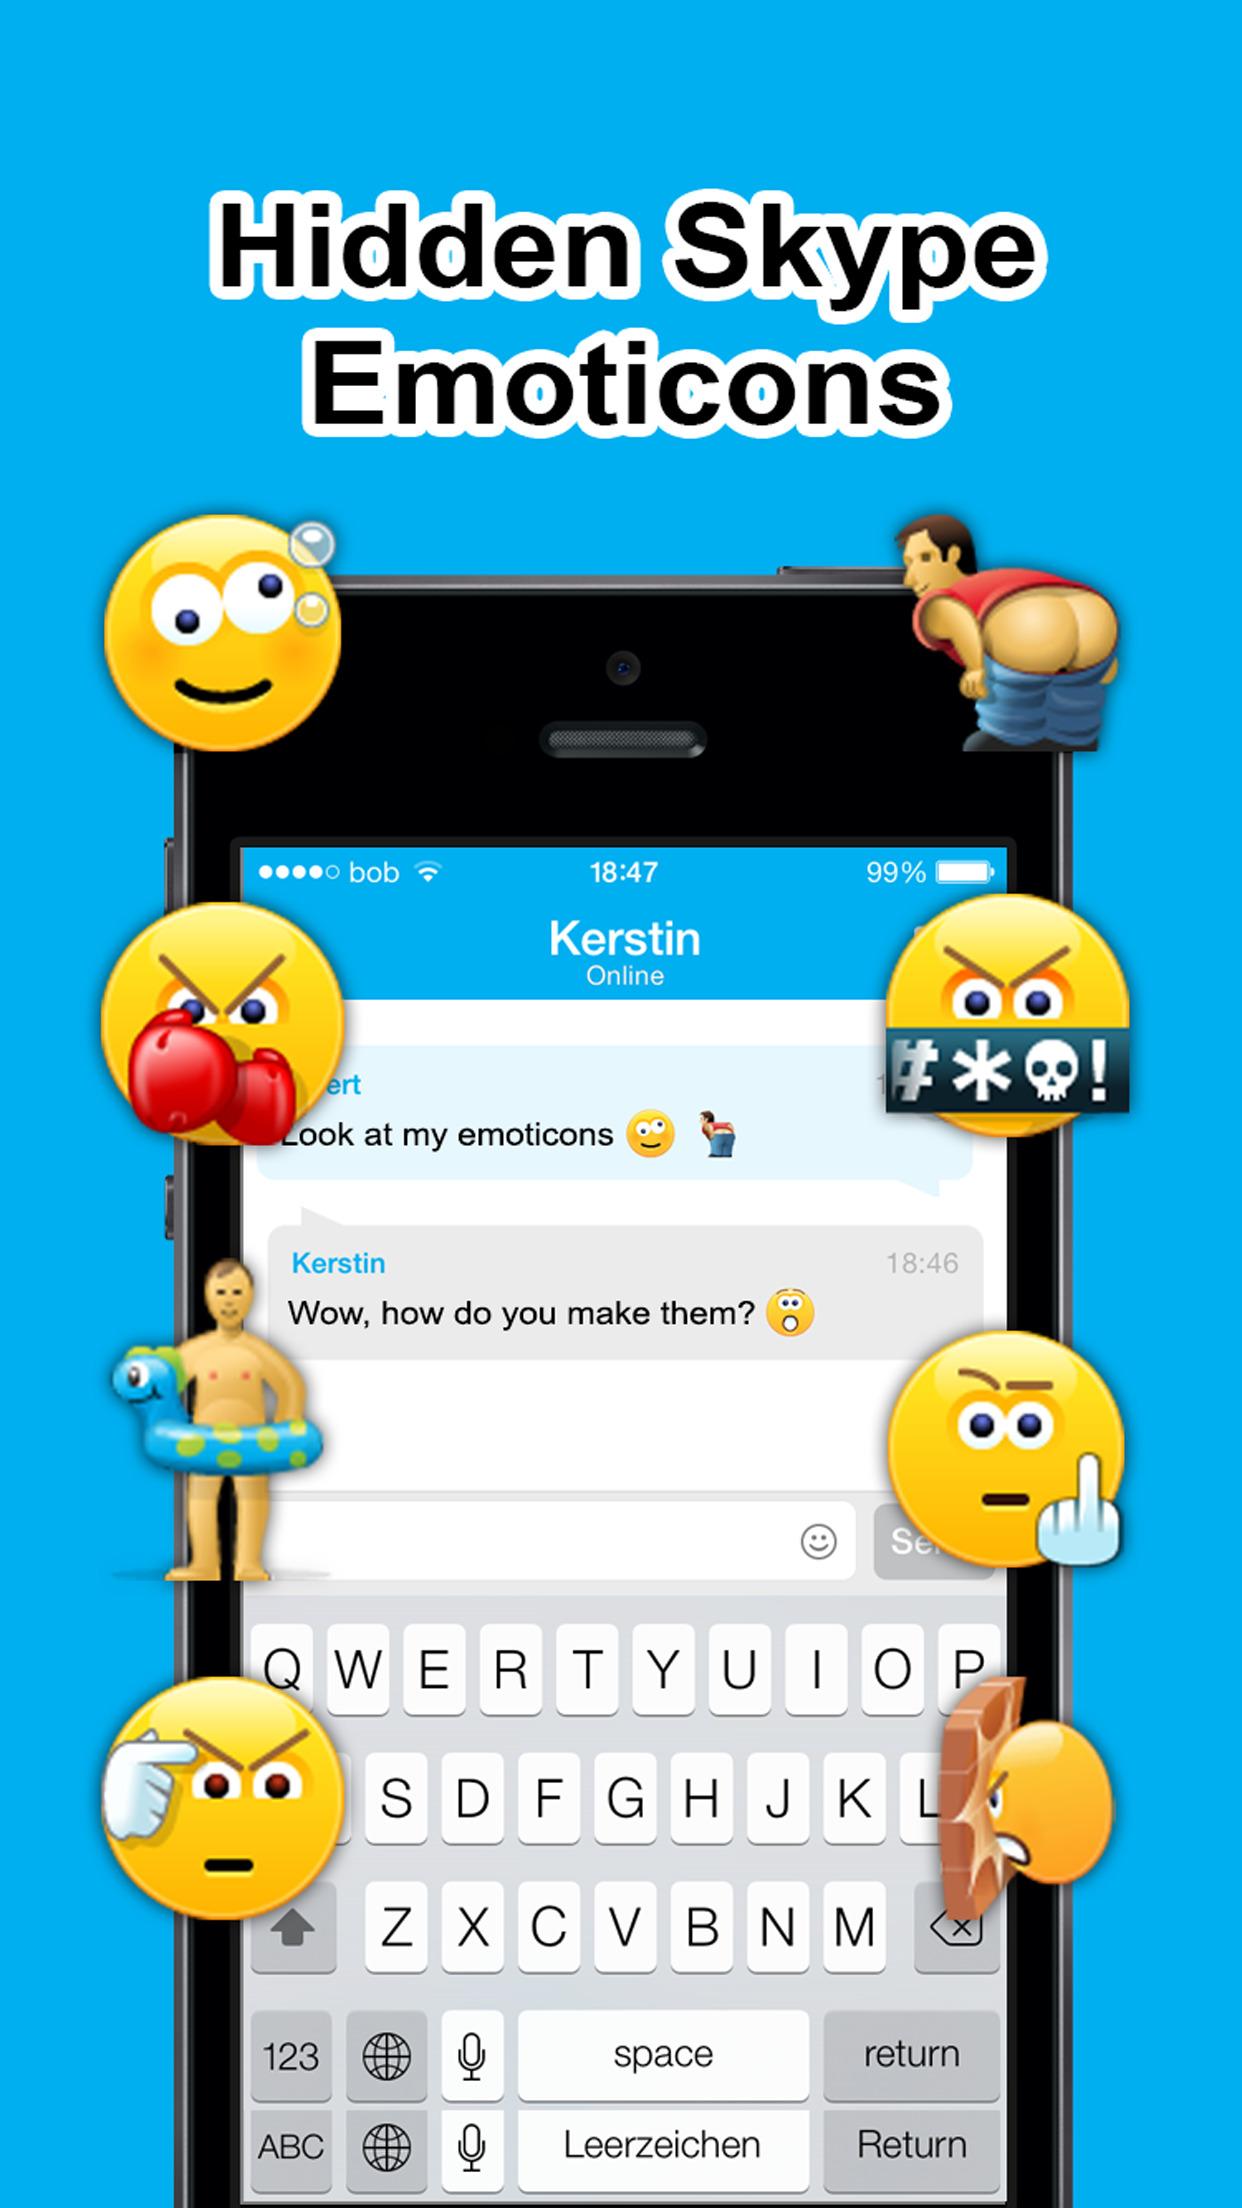 Skype hidden emoticons captain america - Secret Smileys For Skype Hidden Emoticons For Skype Chat Emoji Screenshot